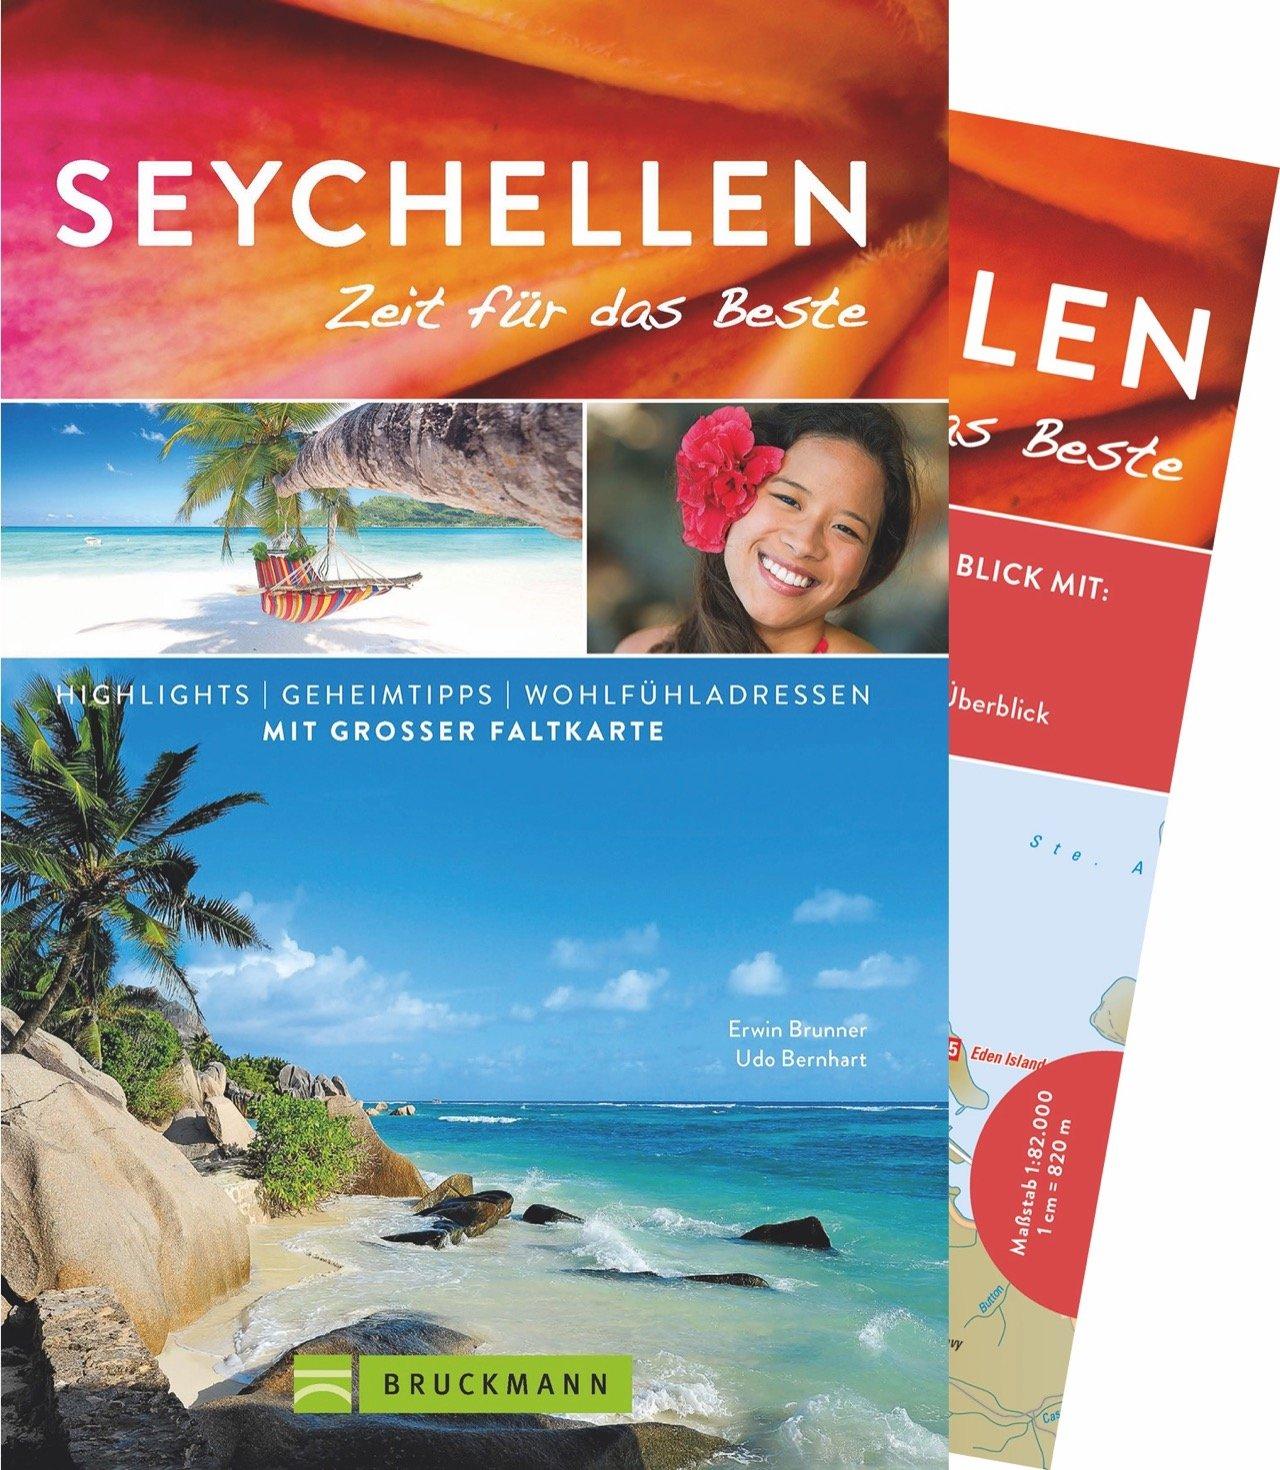 bruckmann-reisefhrer-seychellen-zeit-fr-das-beste-highlights-geheimtipps-wohlfhladressen-inklusive-faltkarte-zum-herausnehmen-neu-2018